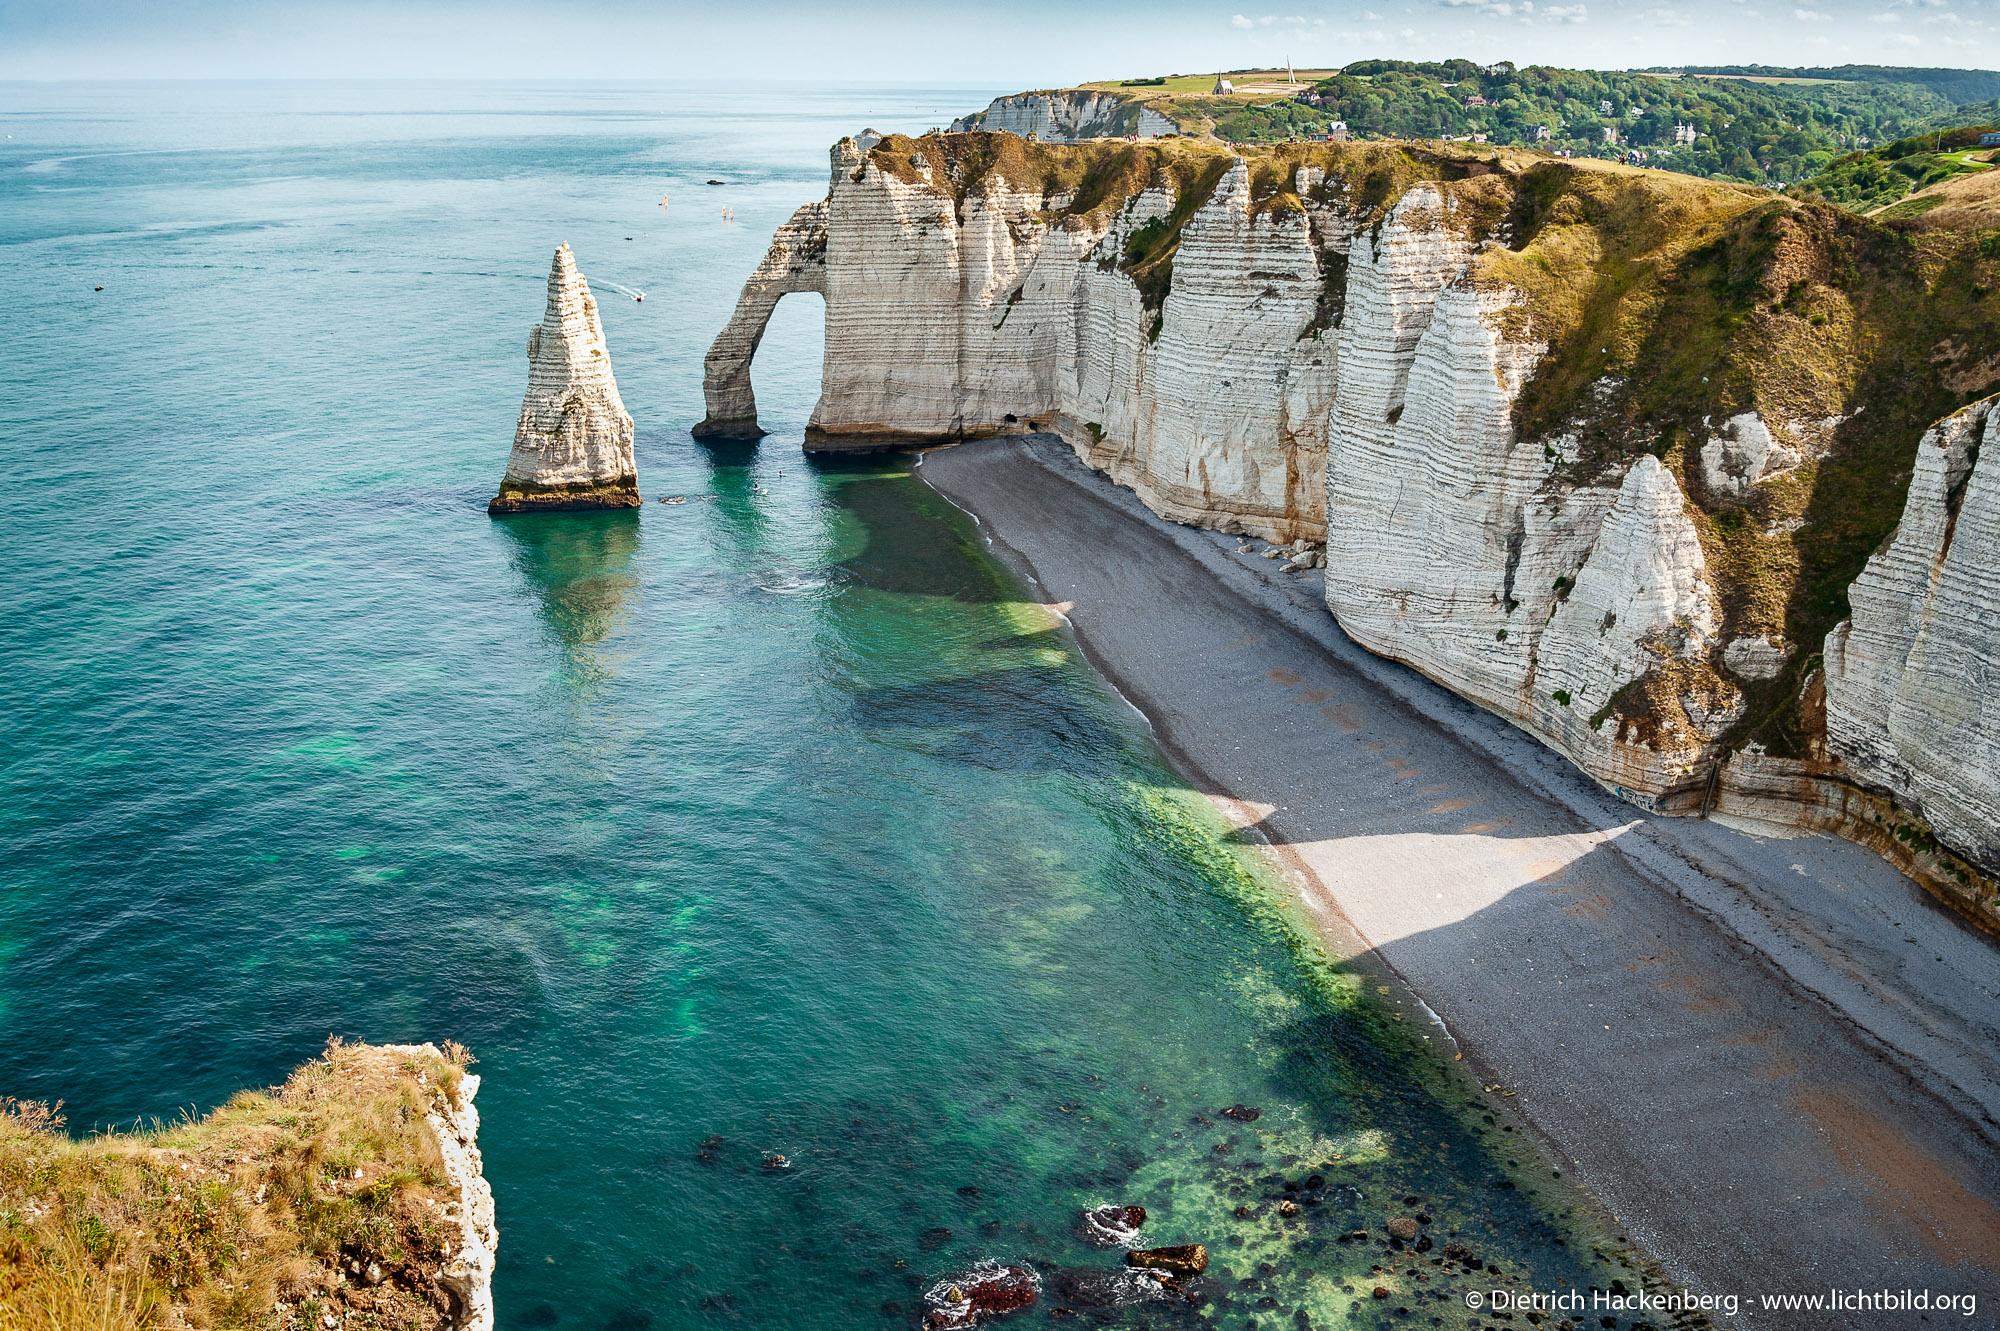 Die Porte d'Aval und die Aiguille (Nadel). Weiße Klippen von Etretat, Normandie. Foto © Dietrich Hackenberg